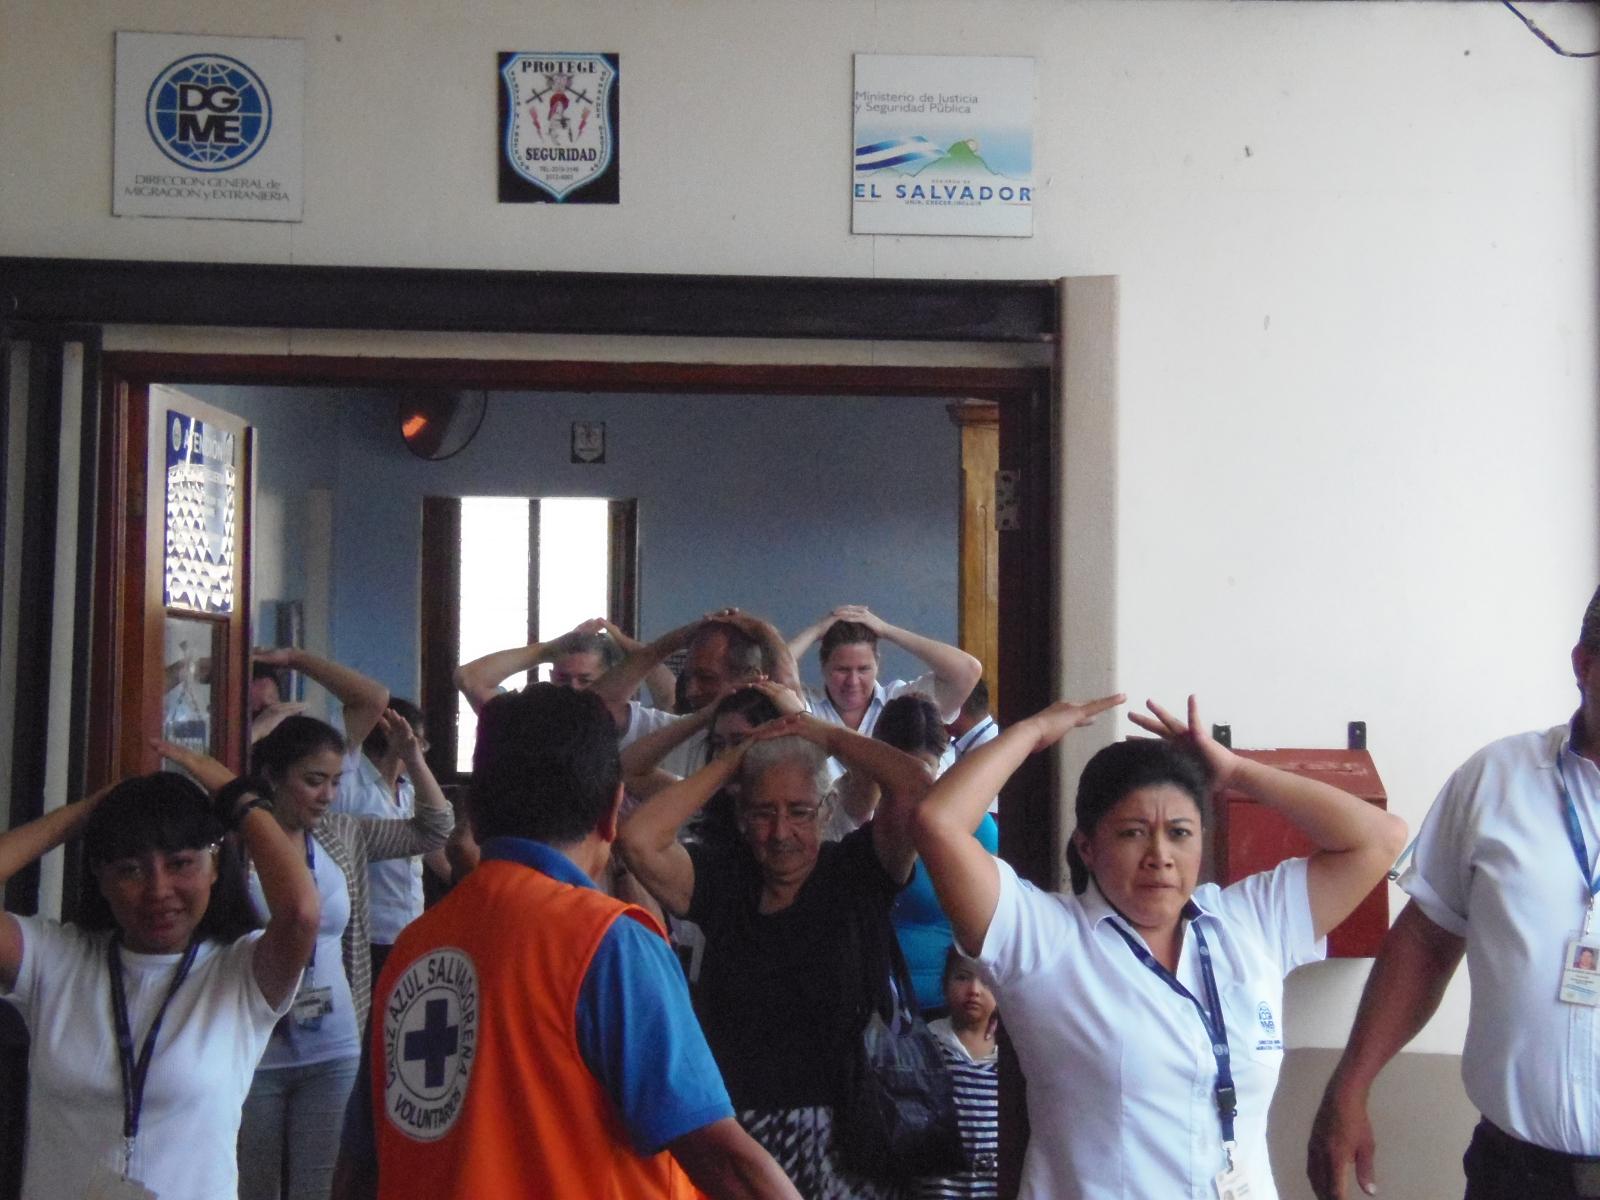 31 años después del terremoto en El Salvador, realizan simulacro poniendo a prueba la capacidad de reacción